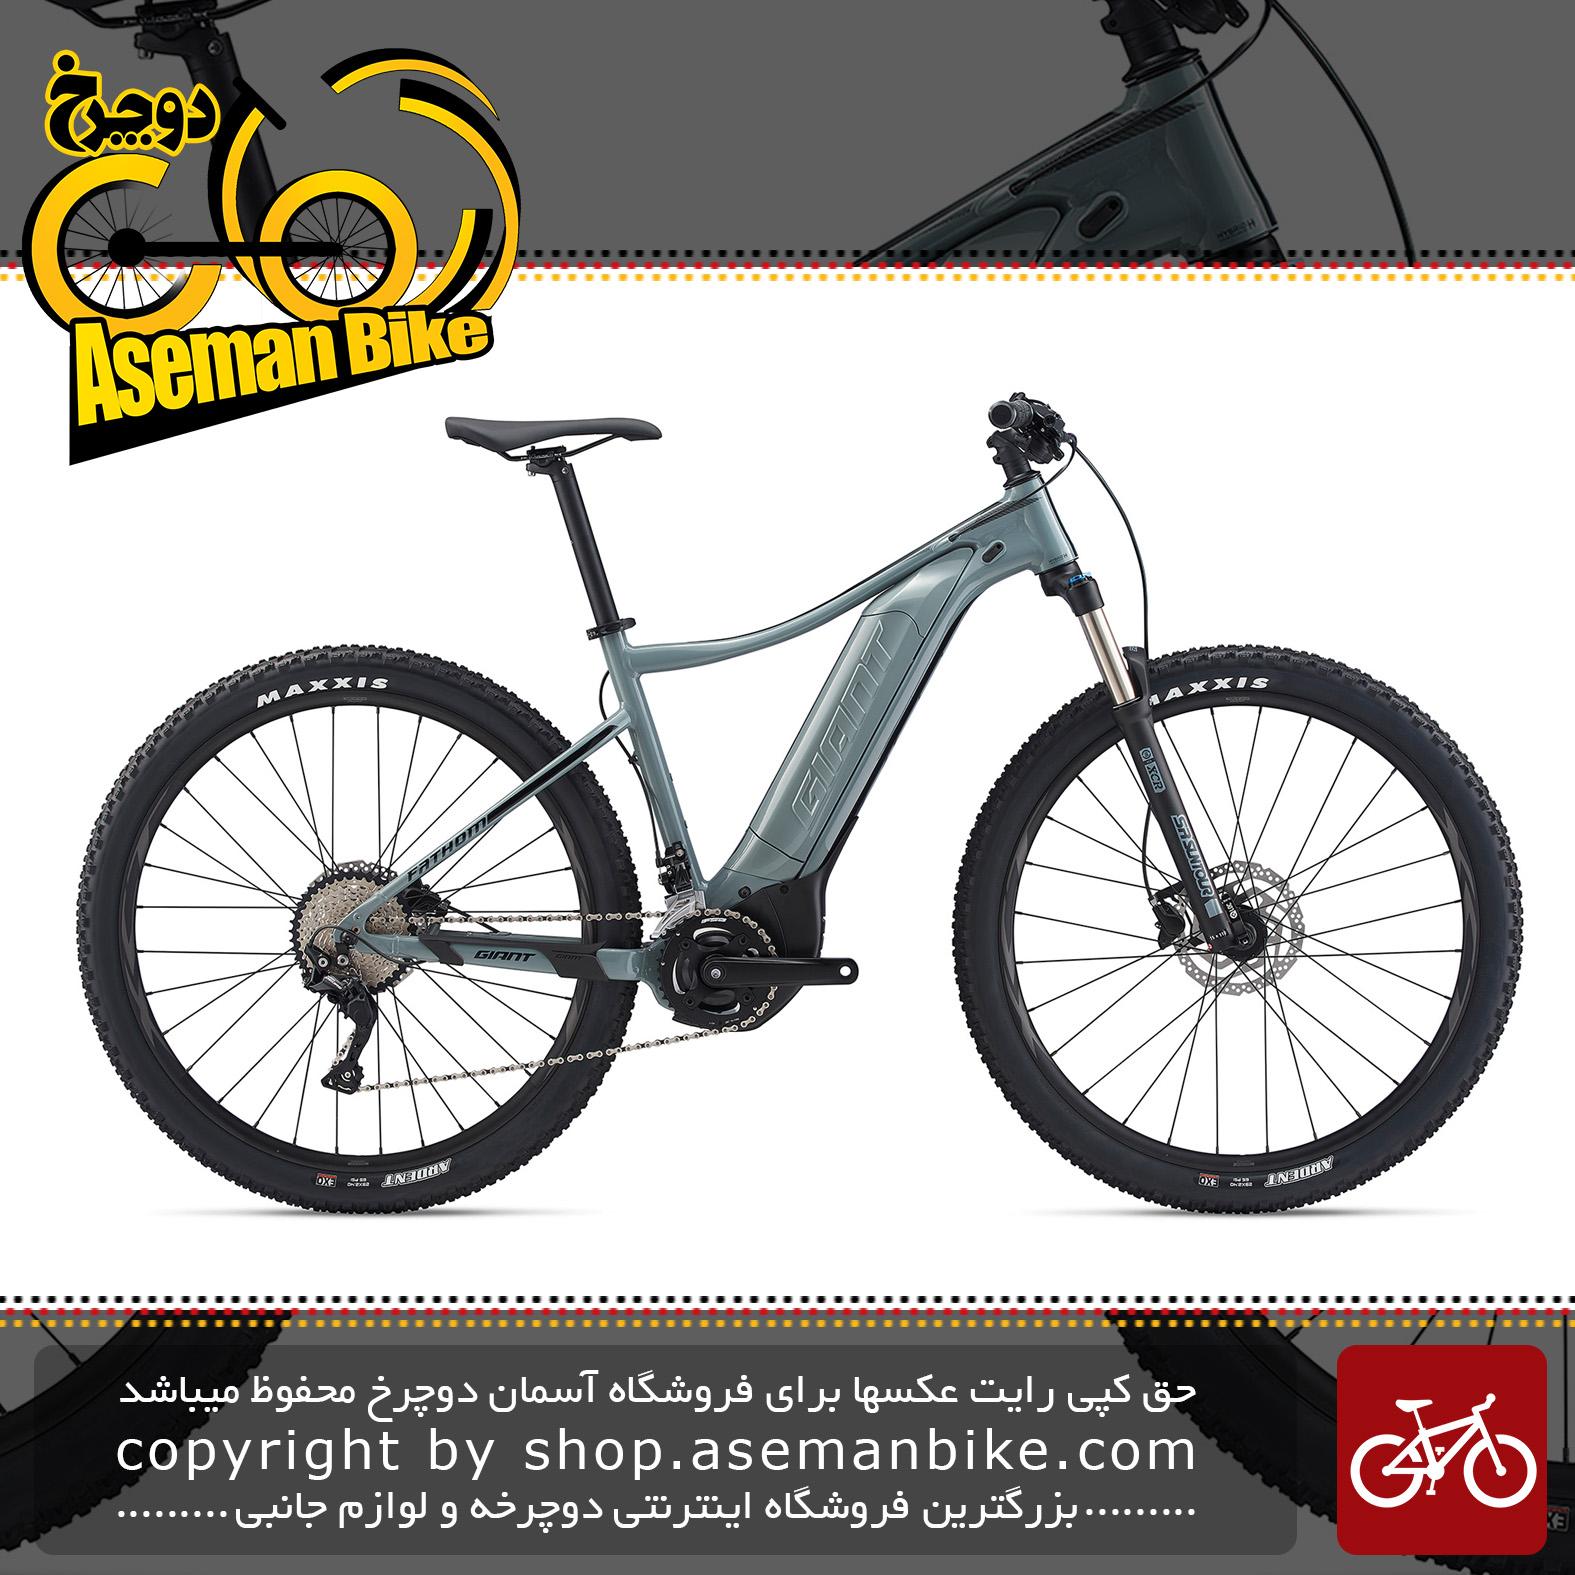 دوچرخه کوهستان برقی جاینت مدل فدم ای پلاس 2 29 2020 Giant Mountain Bicycle Fathom E+ 2 29 2020